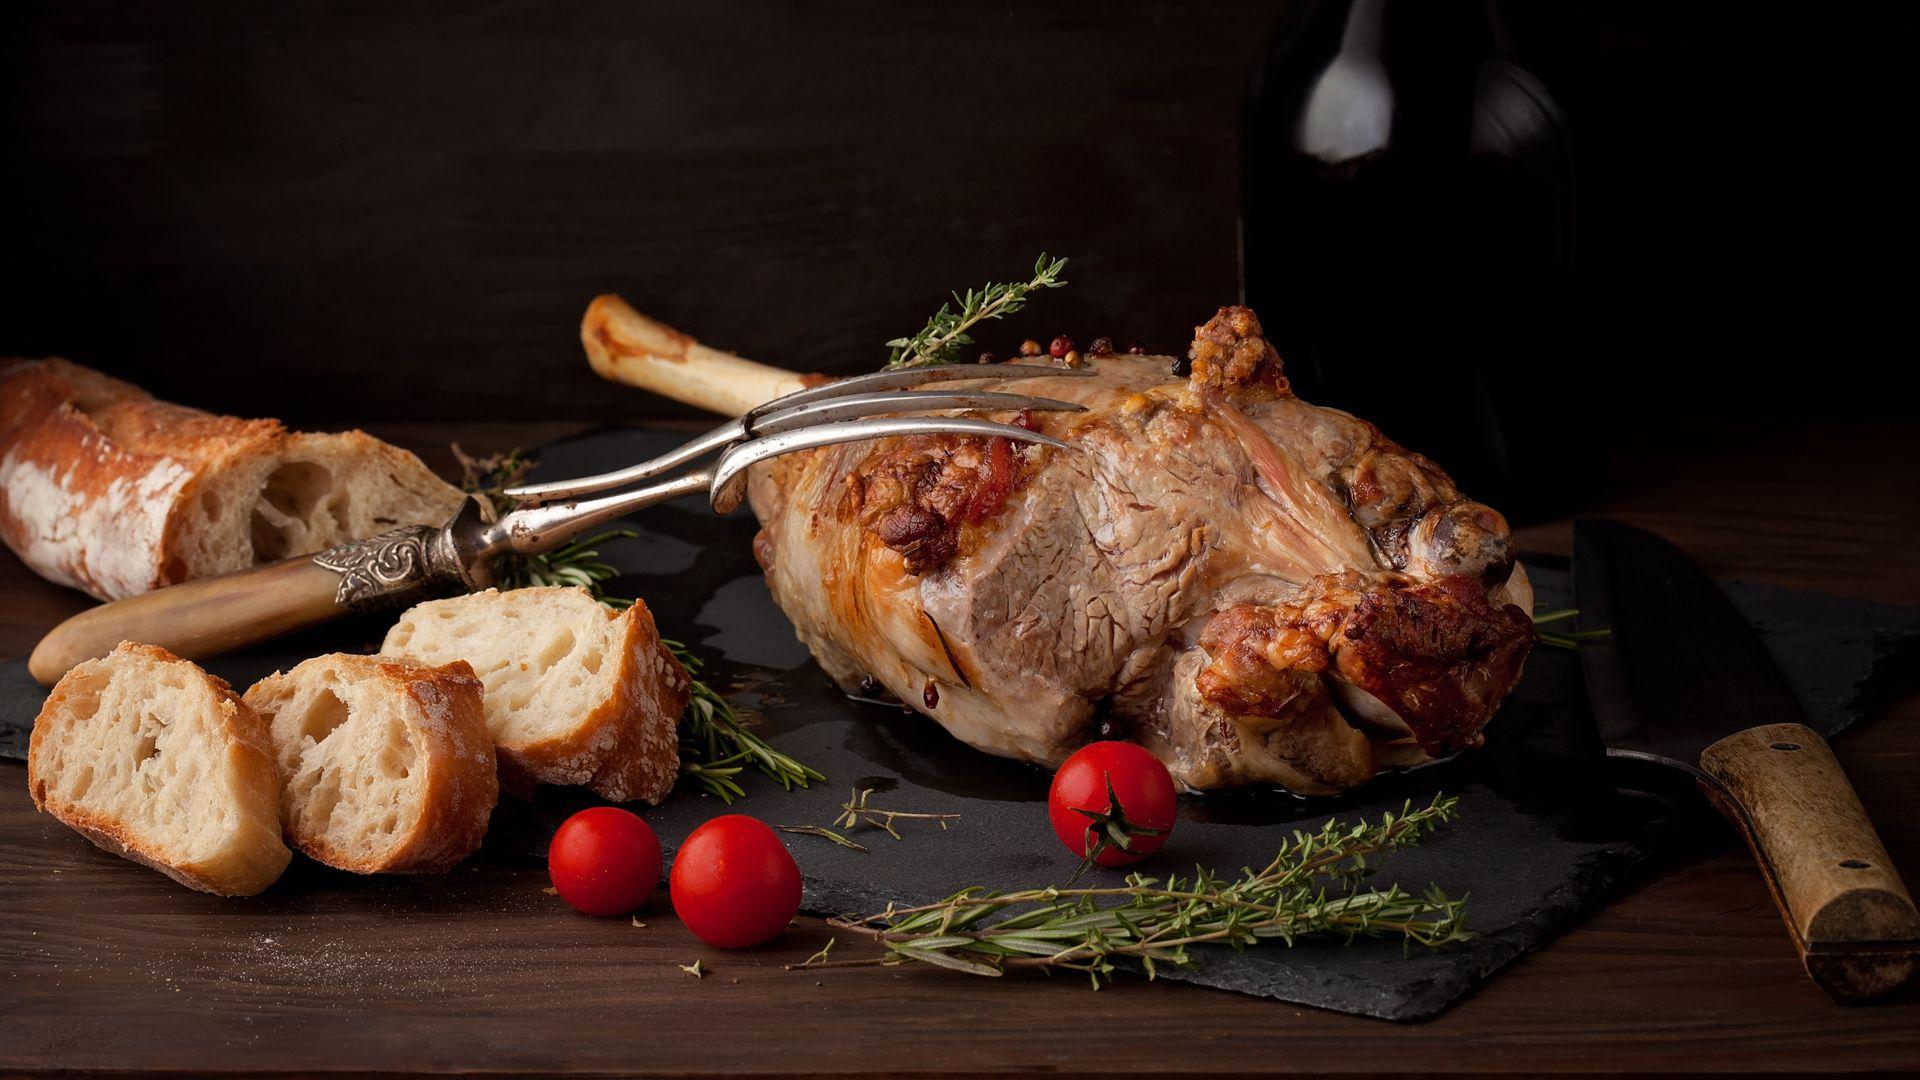 rozmaringos bárány - Fotó: Istock